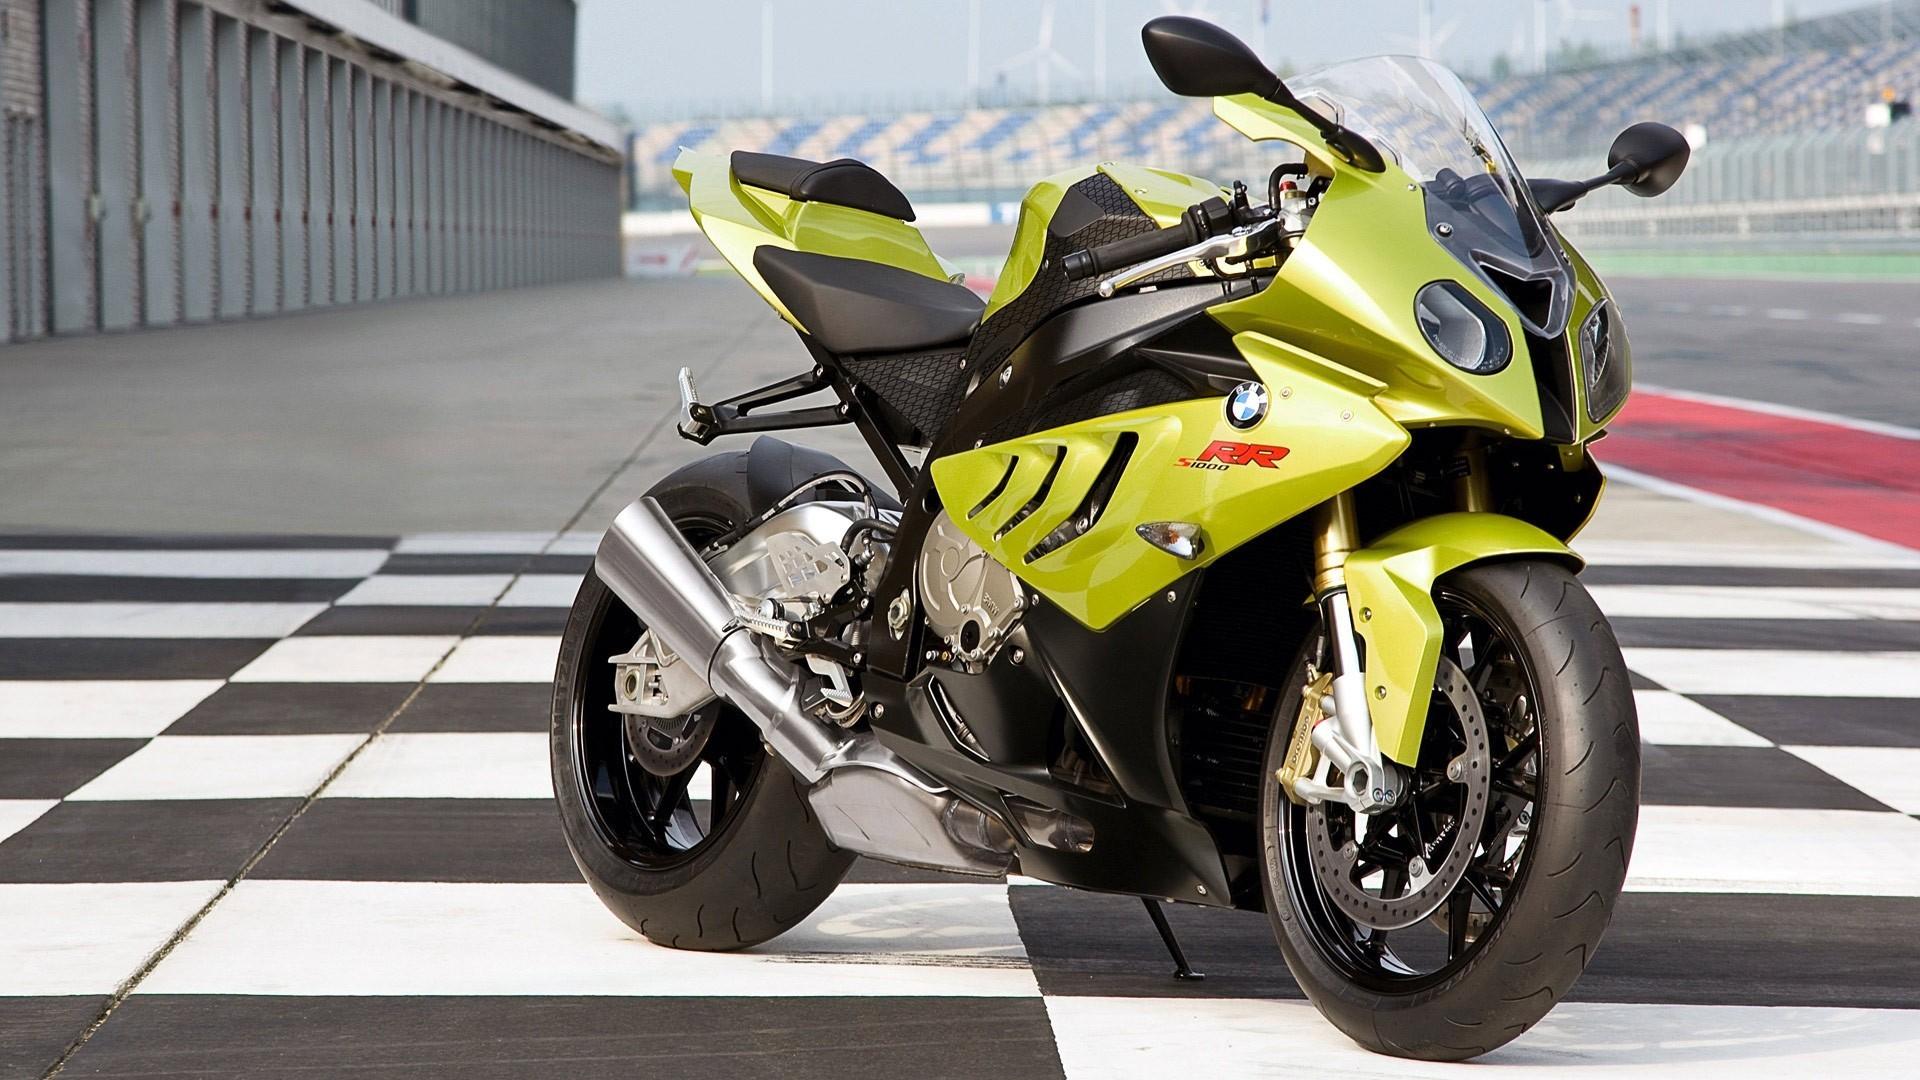 септика спортивные мотоциклы фото цена вашего удобства